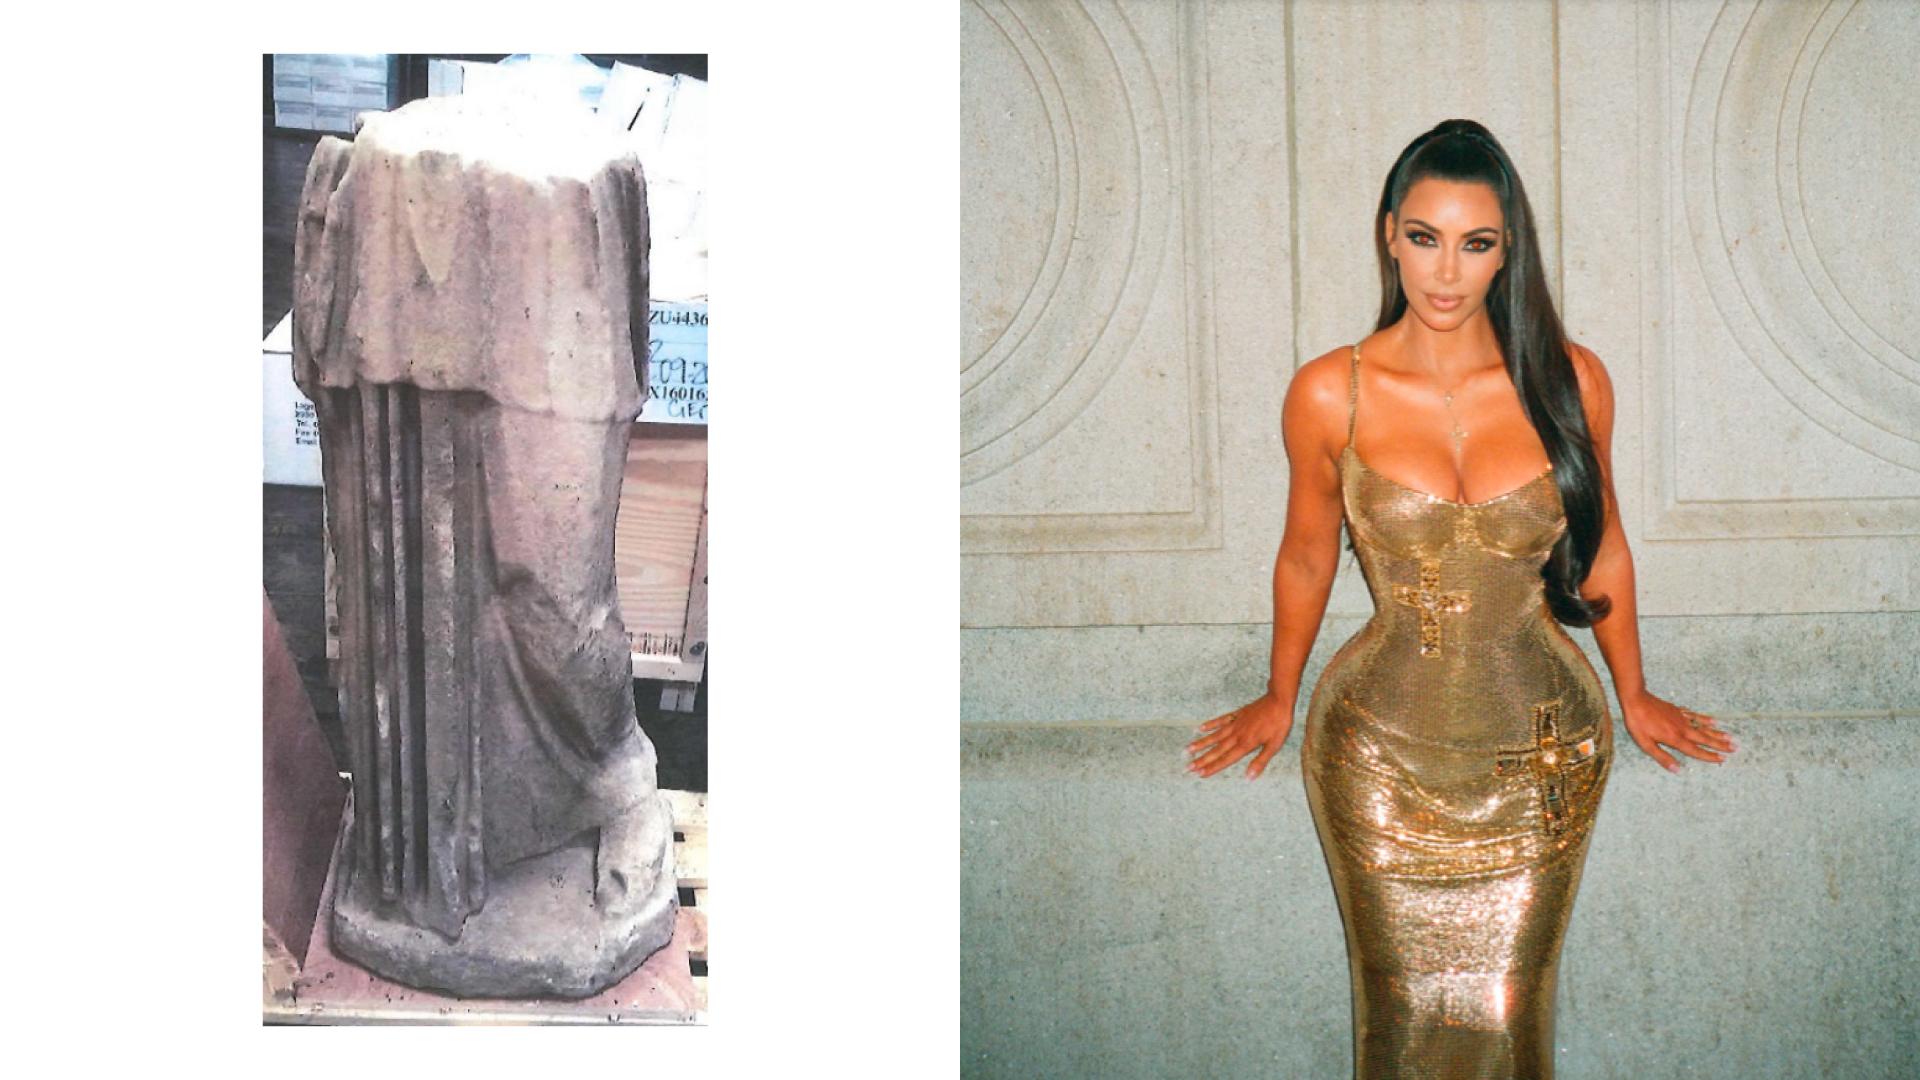 Американський уряд розшукує давньоримську скульптуру, яка ймовірно знаходиться в Кім Кардаш'ян